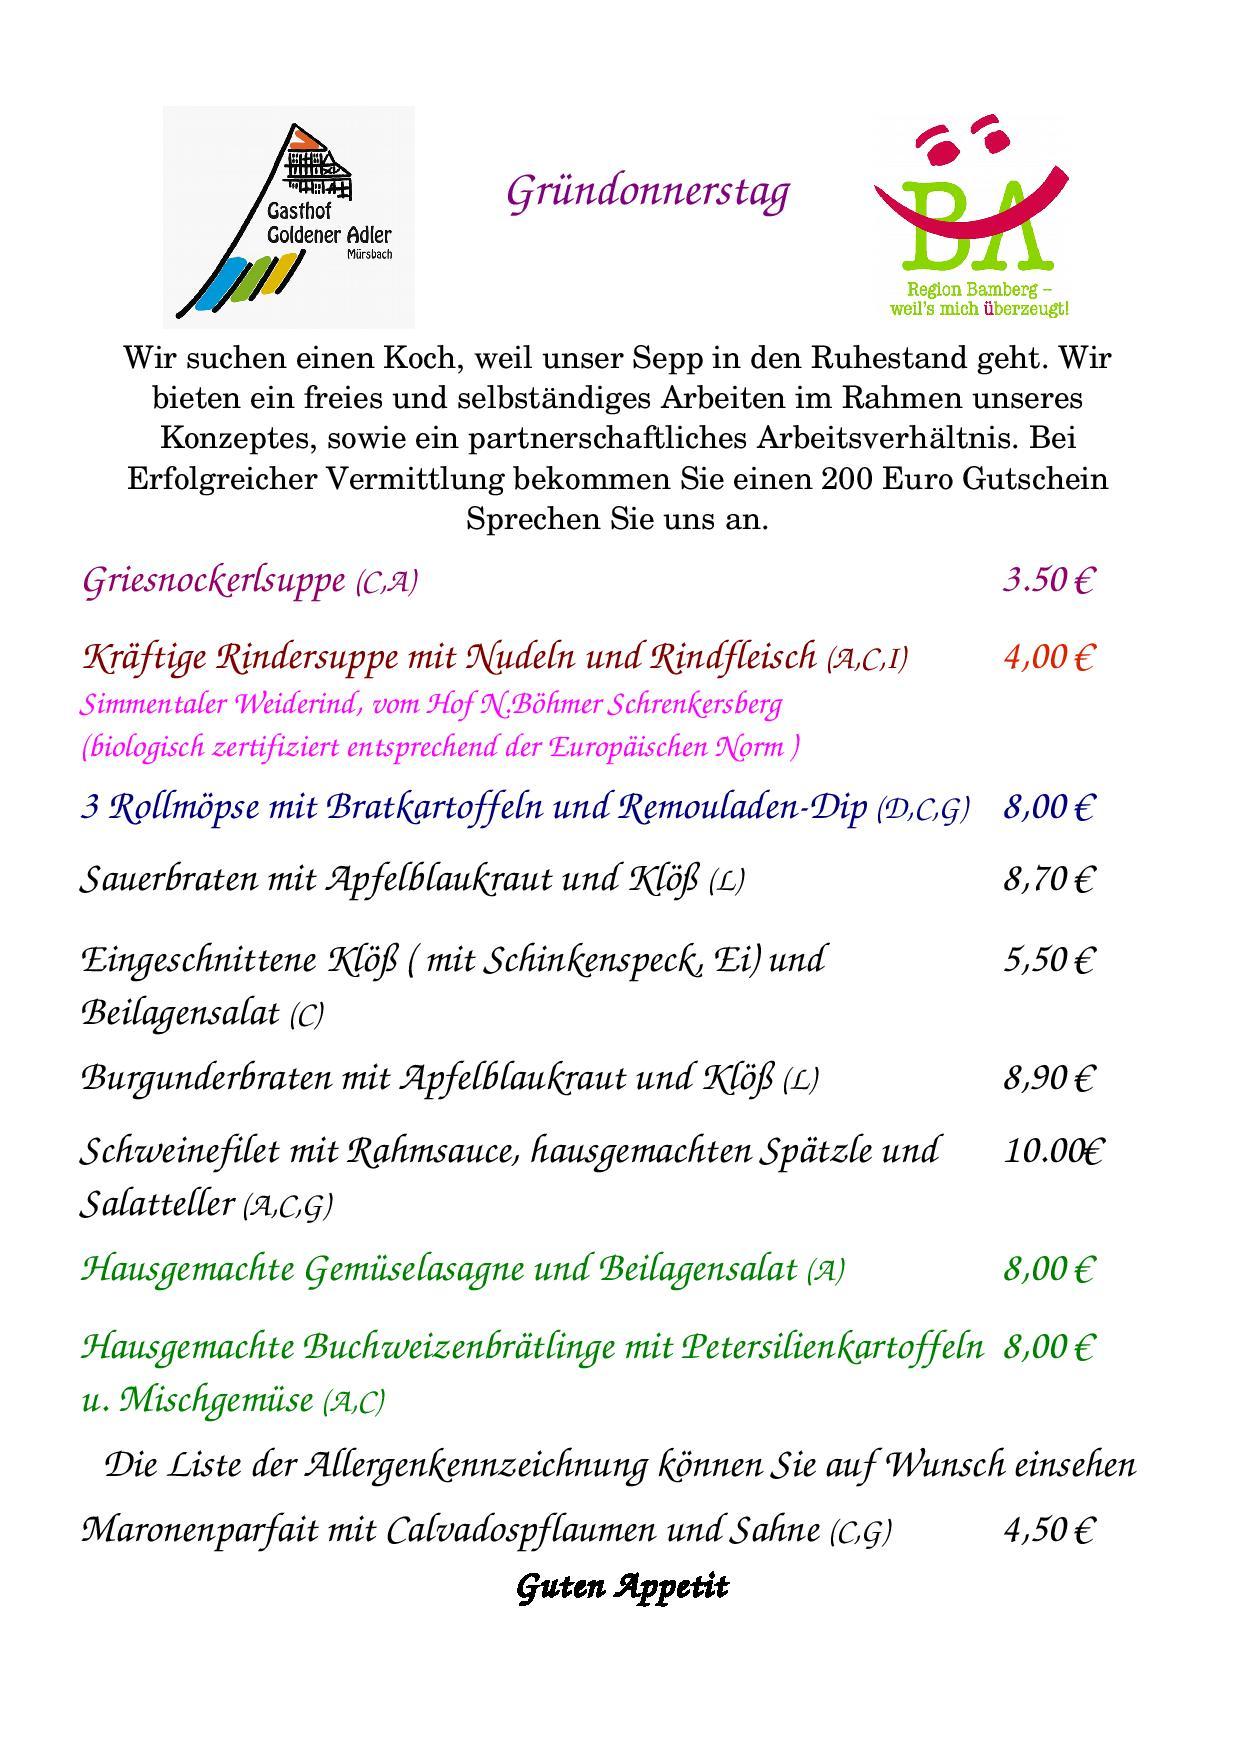 Speisekarte für Gründonnerstag 18.4.2019